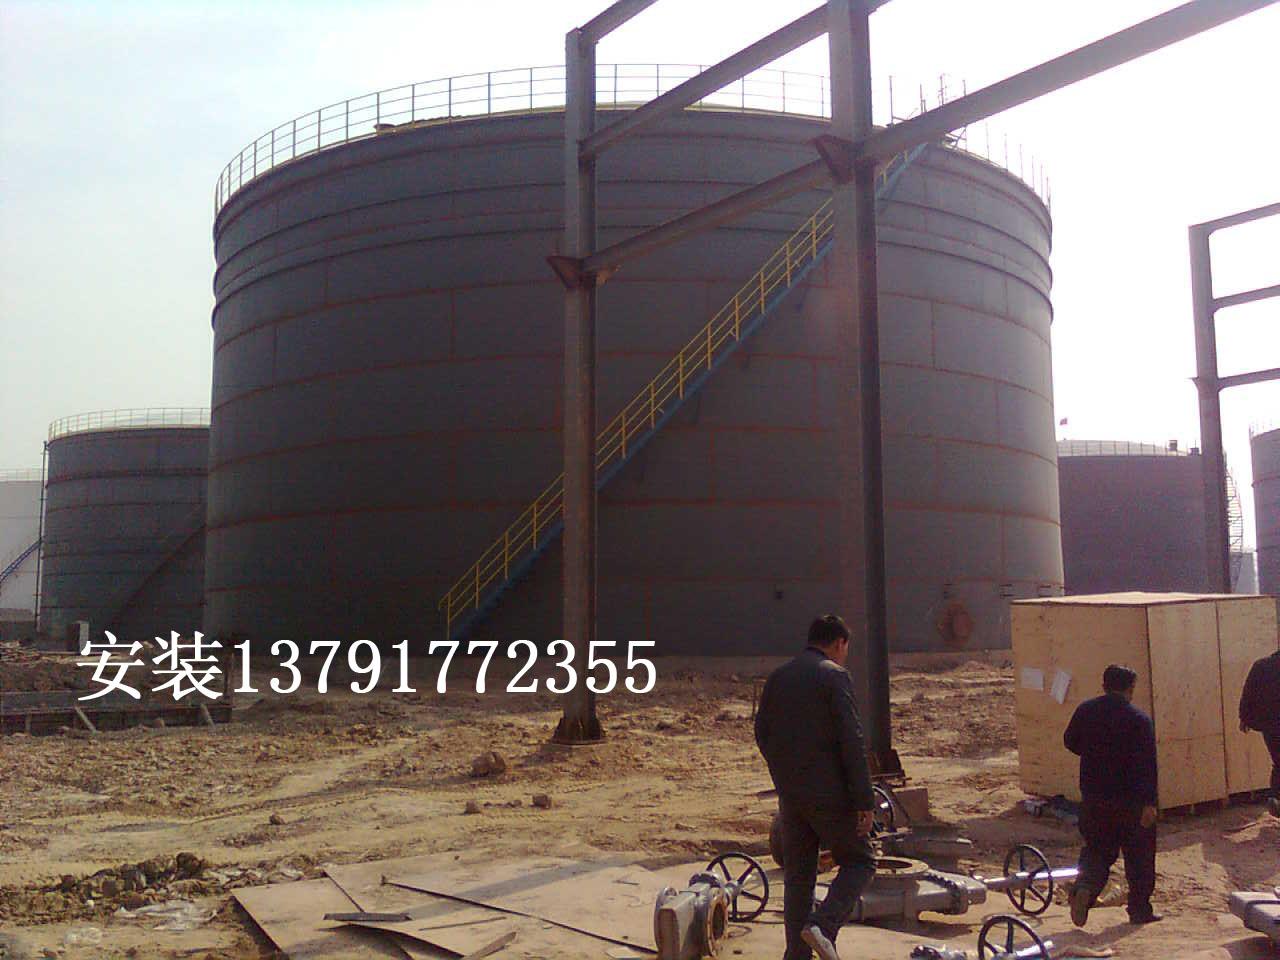 山东济宁油罐网架钢结构安装公司生产供应立式罐